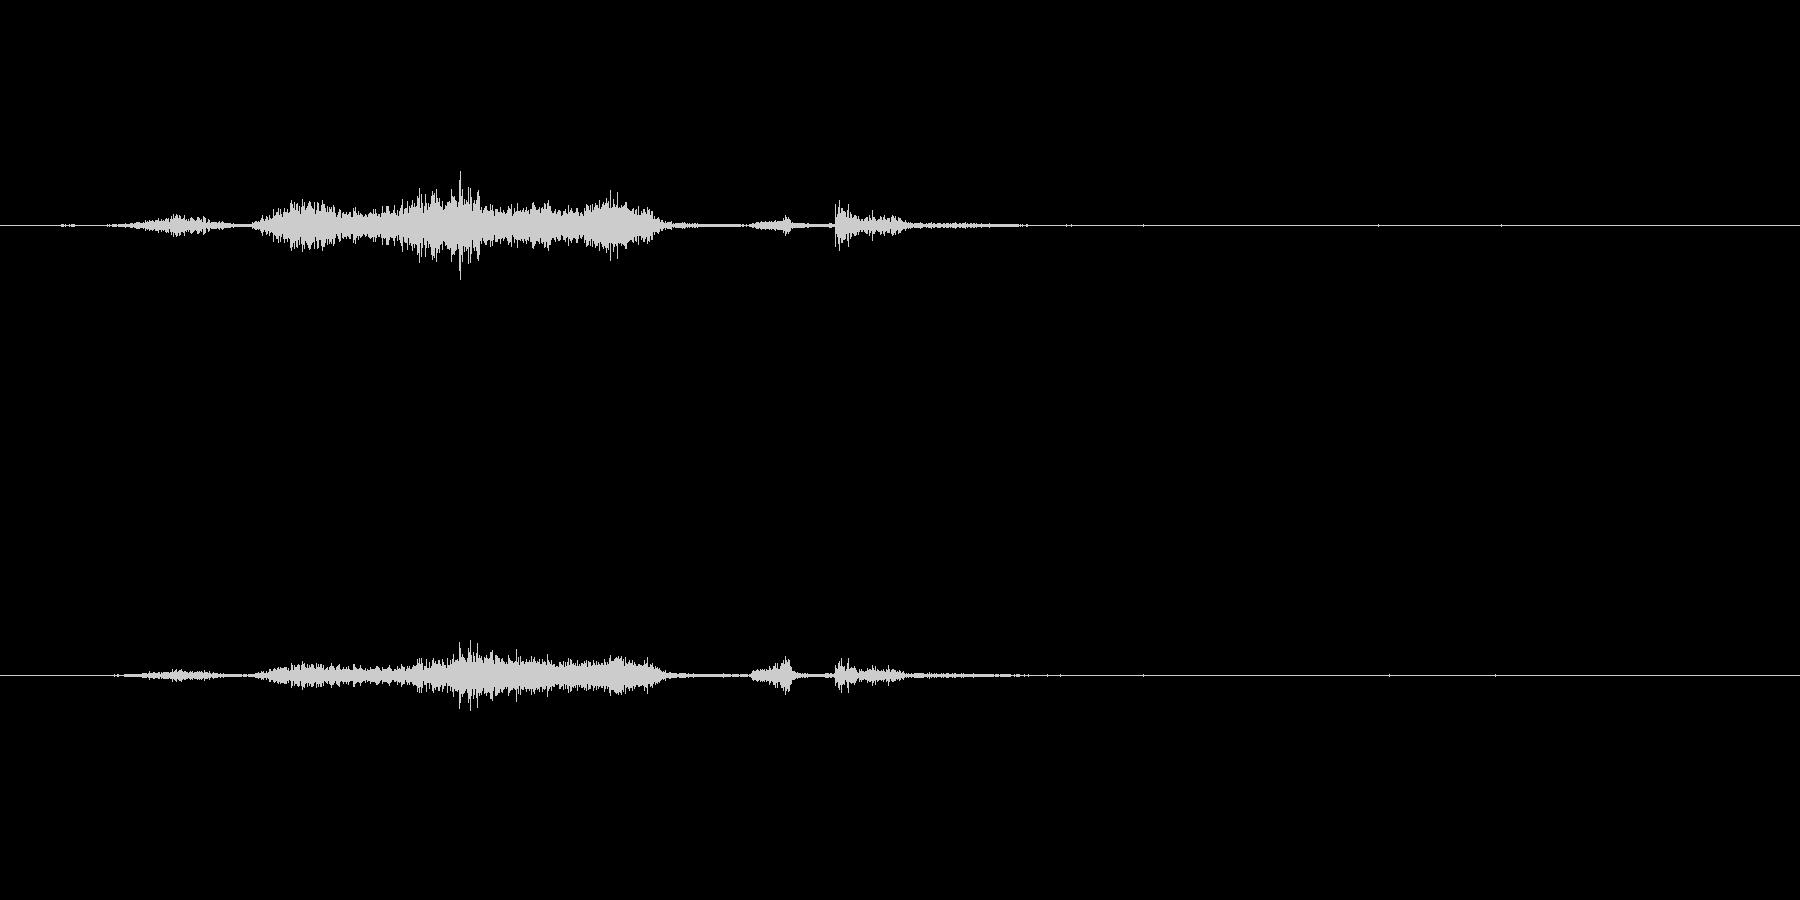 ページをめくる音(シュー)の未再生の波形